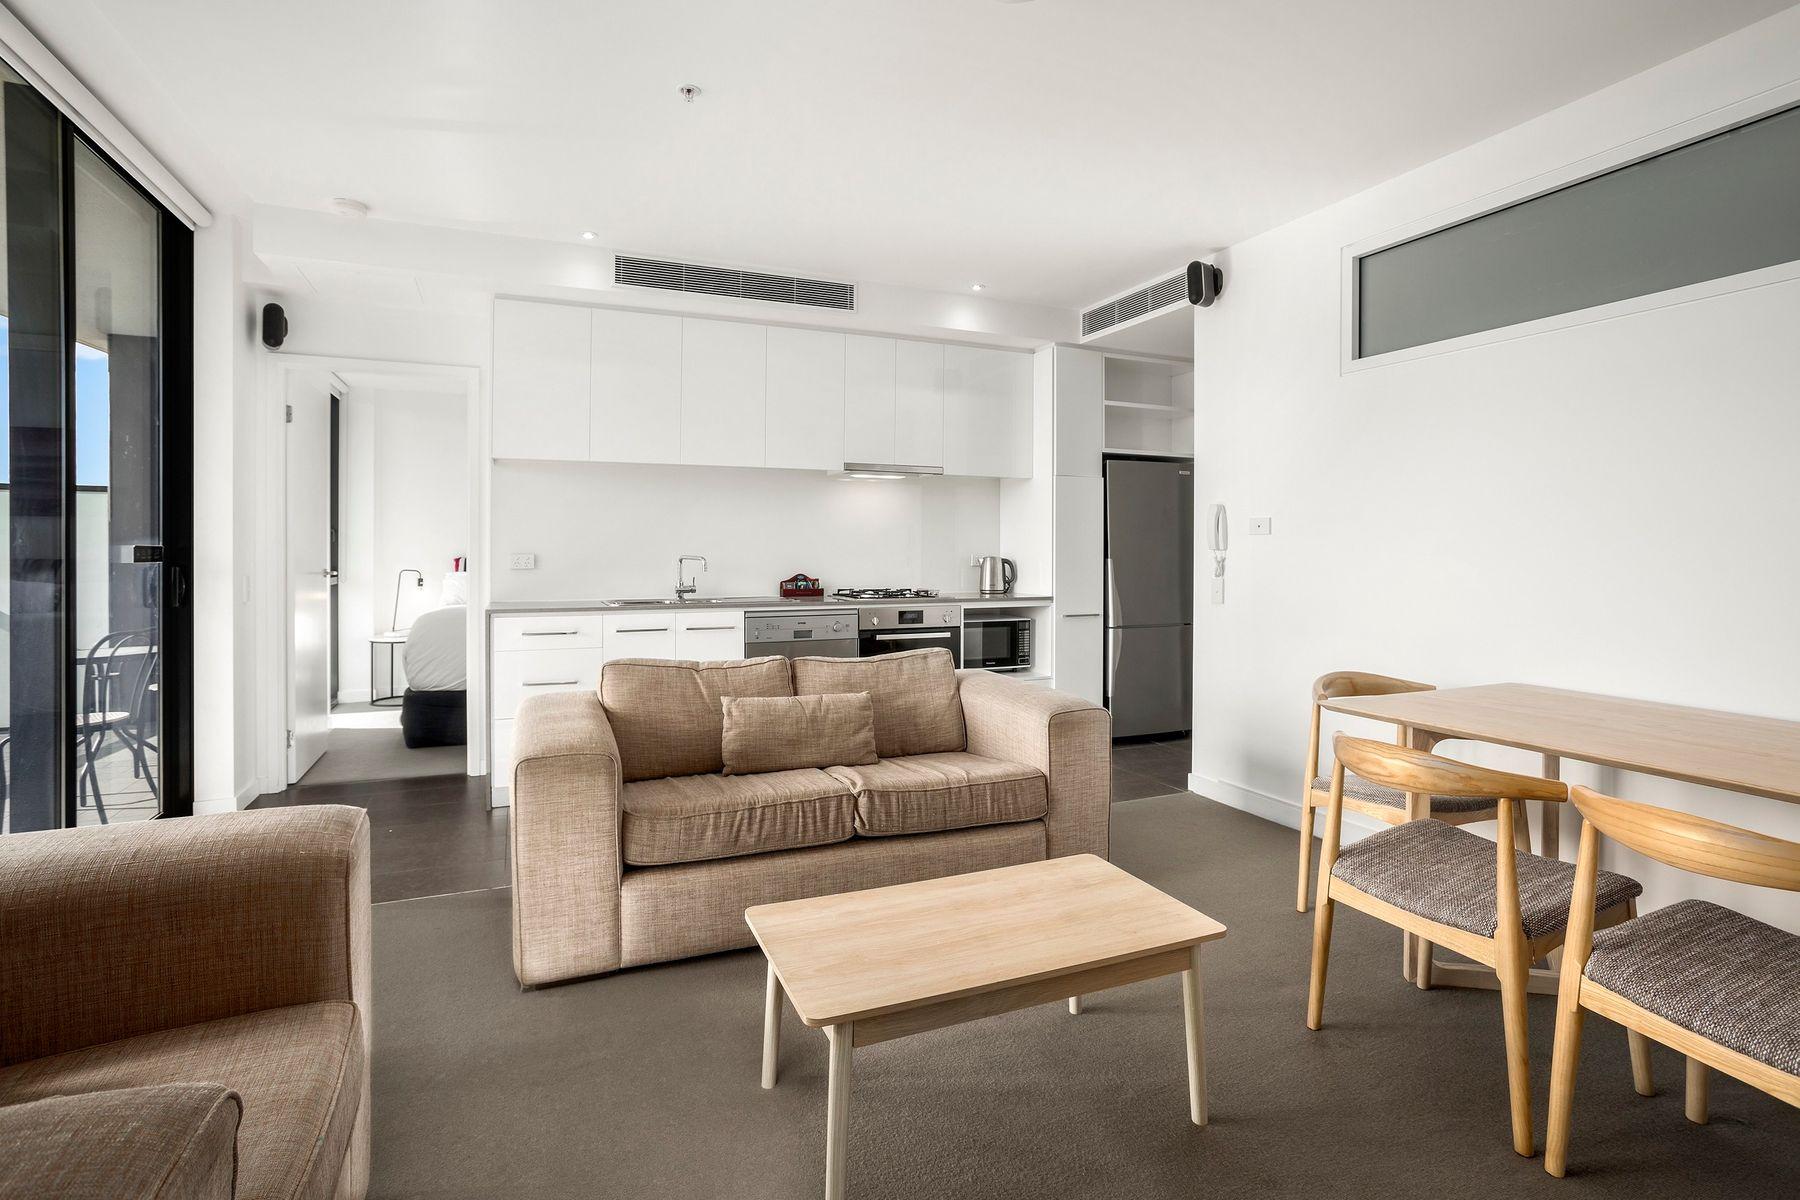 615/8 Marmion Place, Docklands VIC 3008 - Apartment For ...